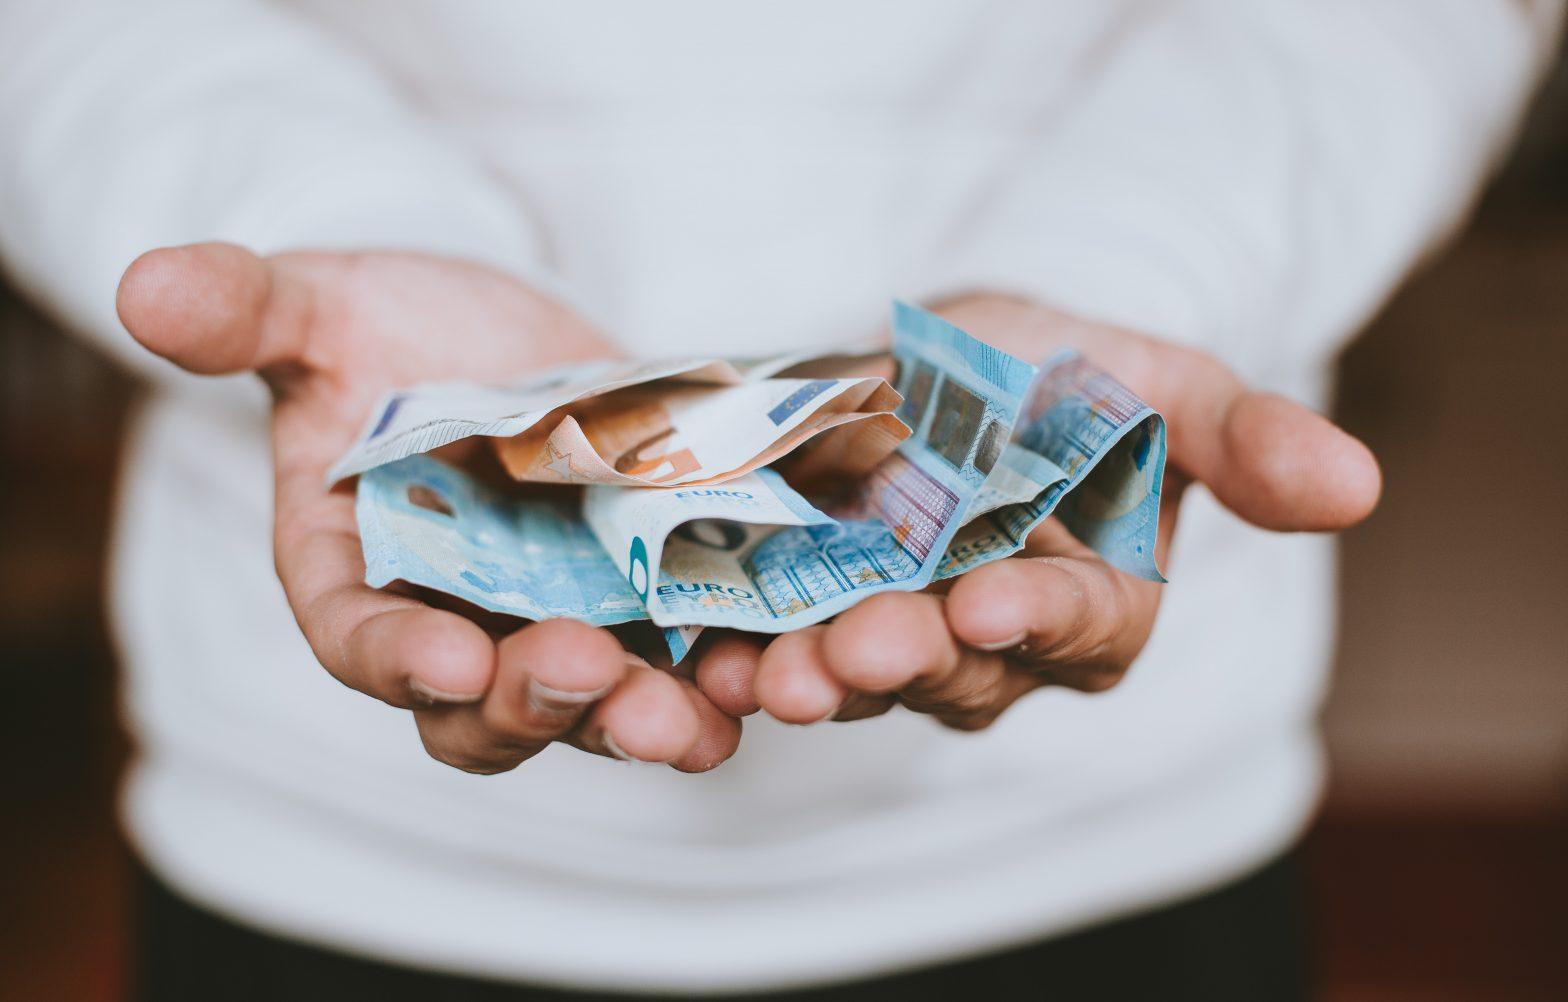 Decreto Liquidità - Ulteriori proroghe dei termini per i versamenti fiscali e contributivi e per gli altri adempimenti fiscali